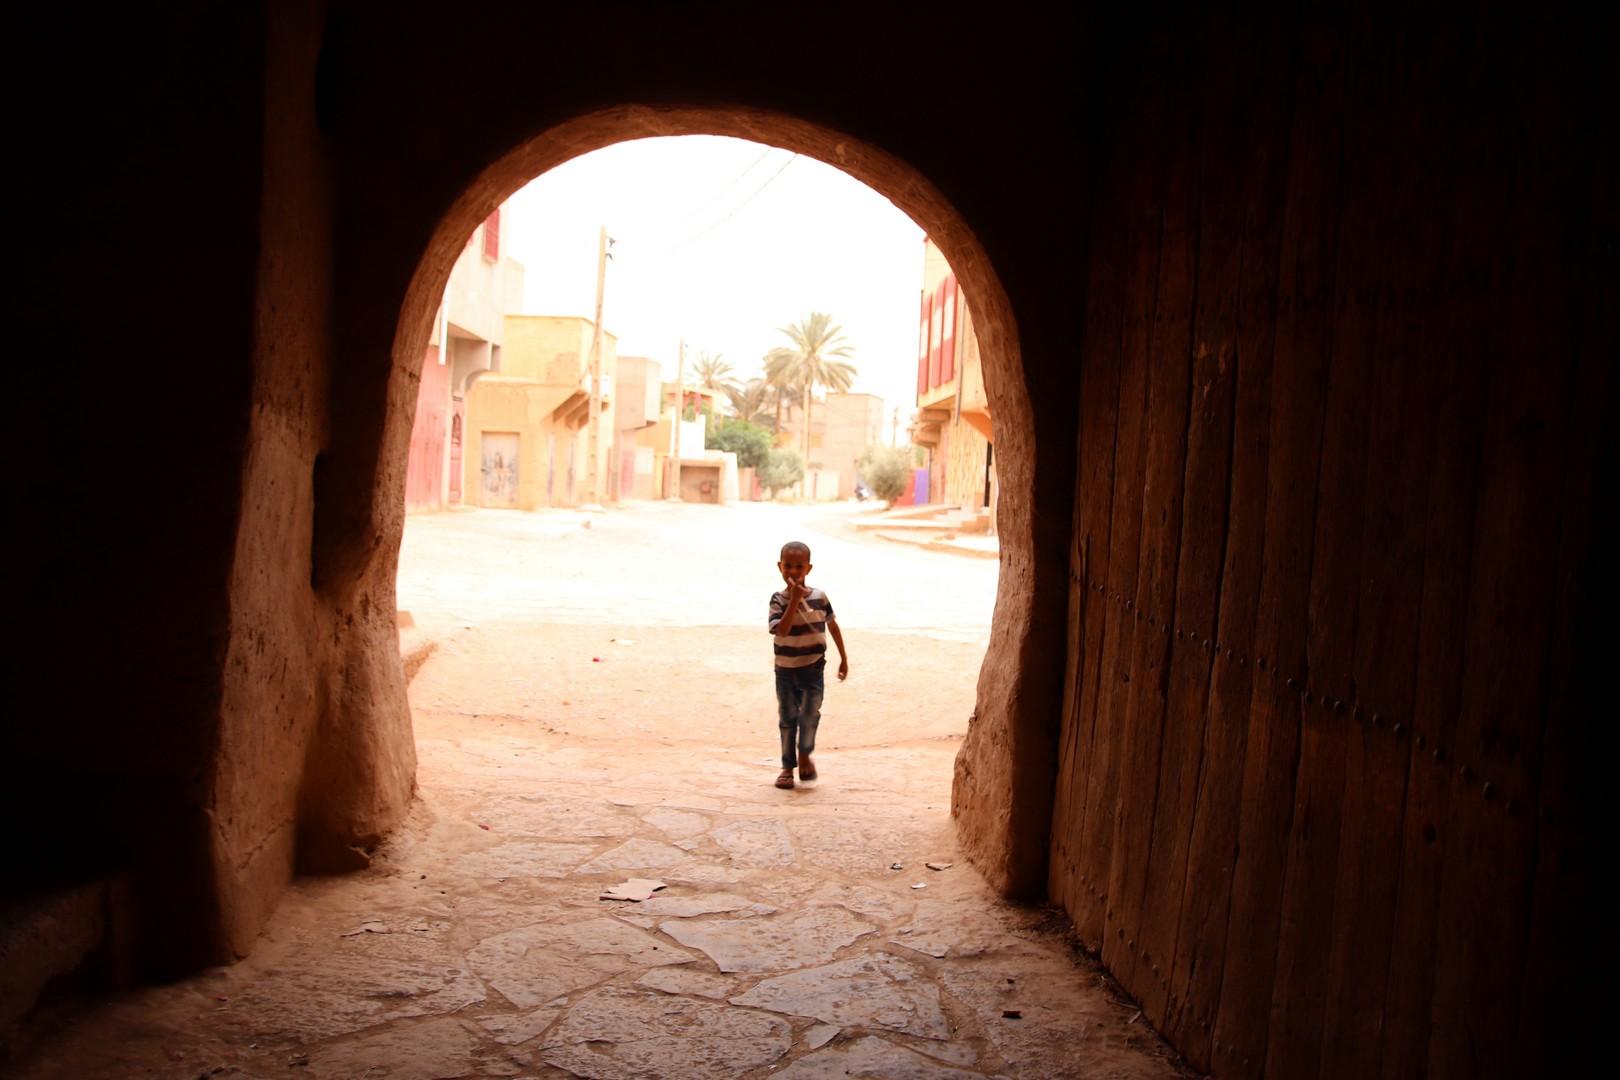 Maroc - Enfant dans les rues du ksar de Tinejdad